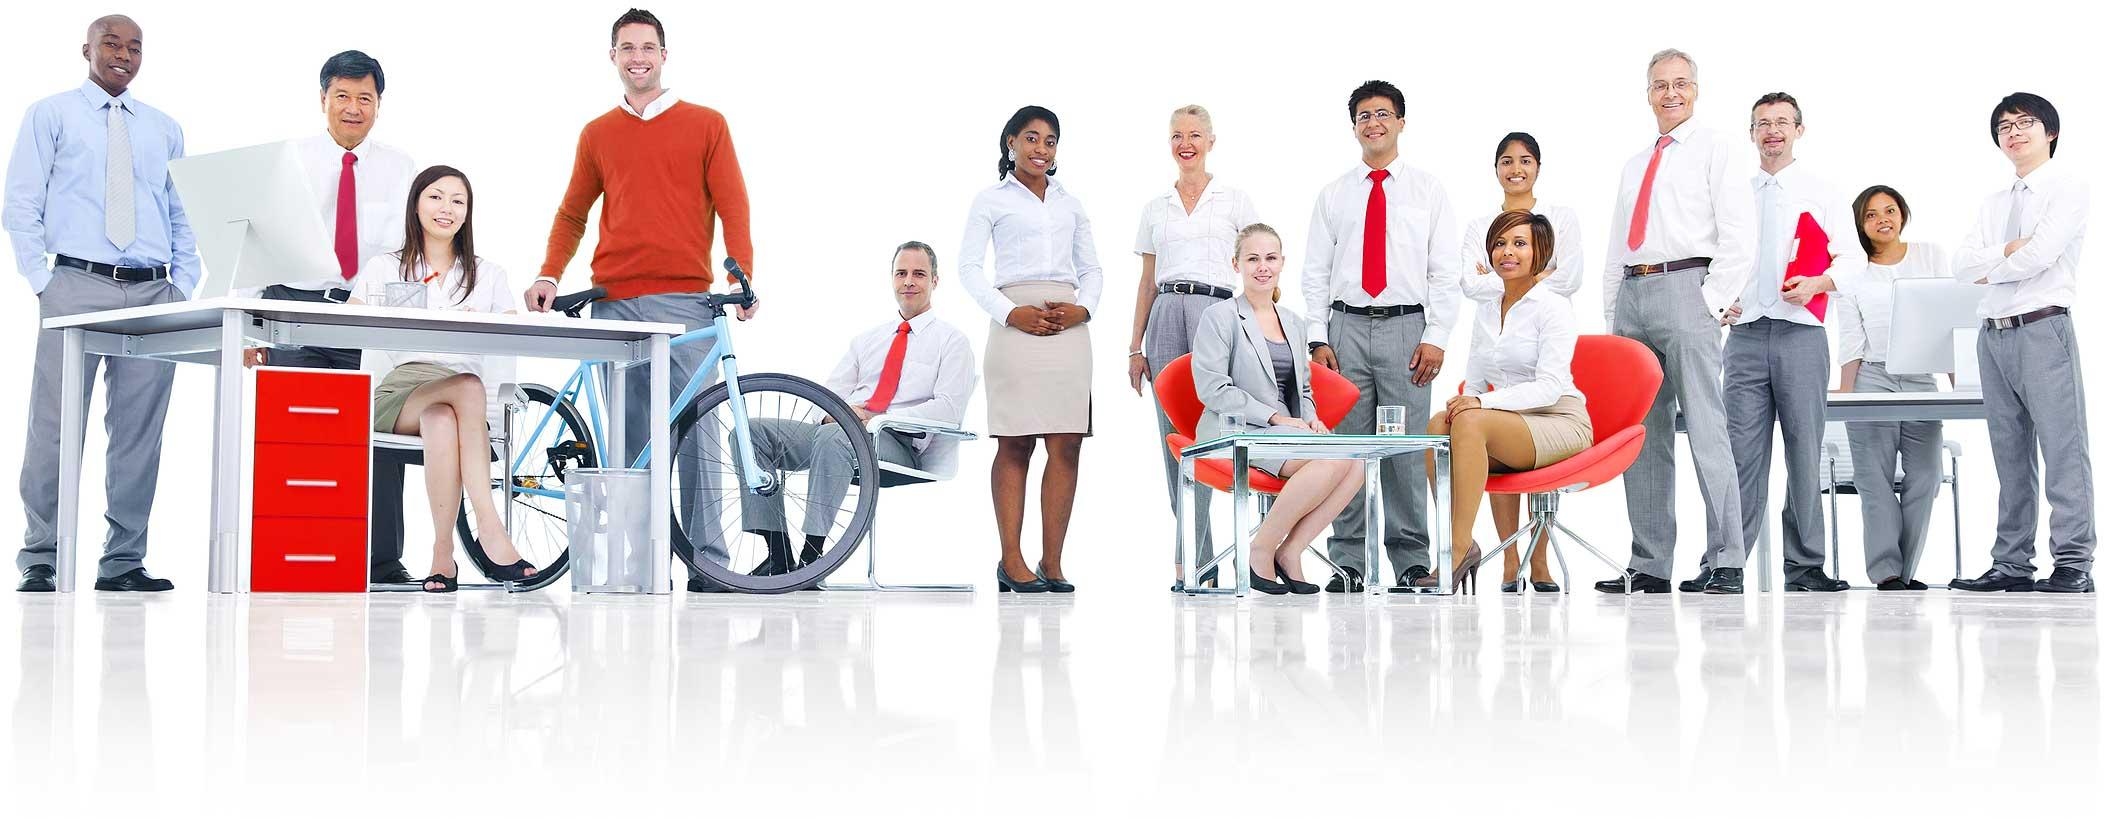 diverse-team-red_50417029